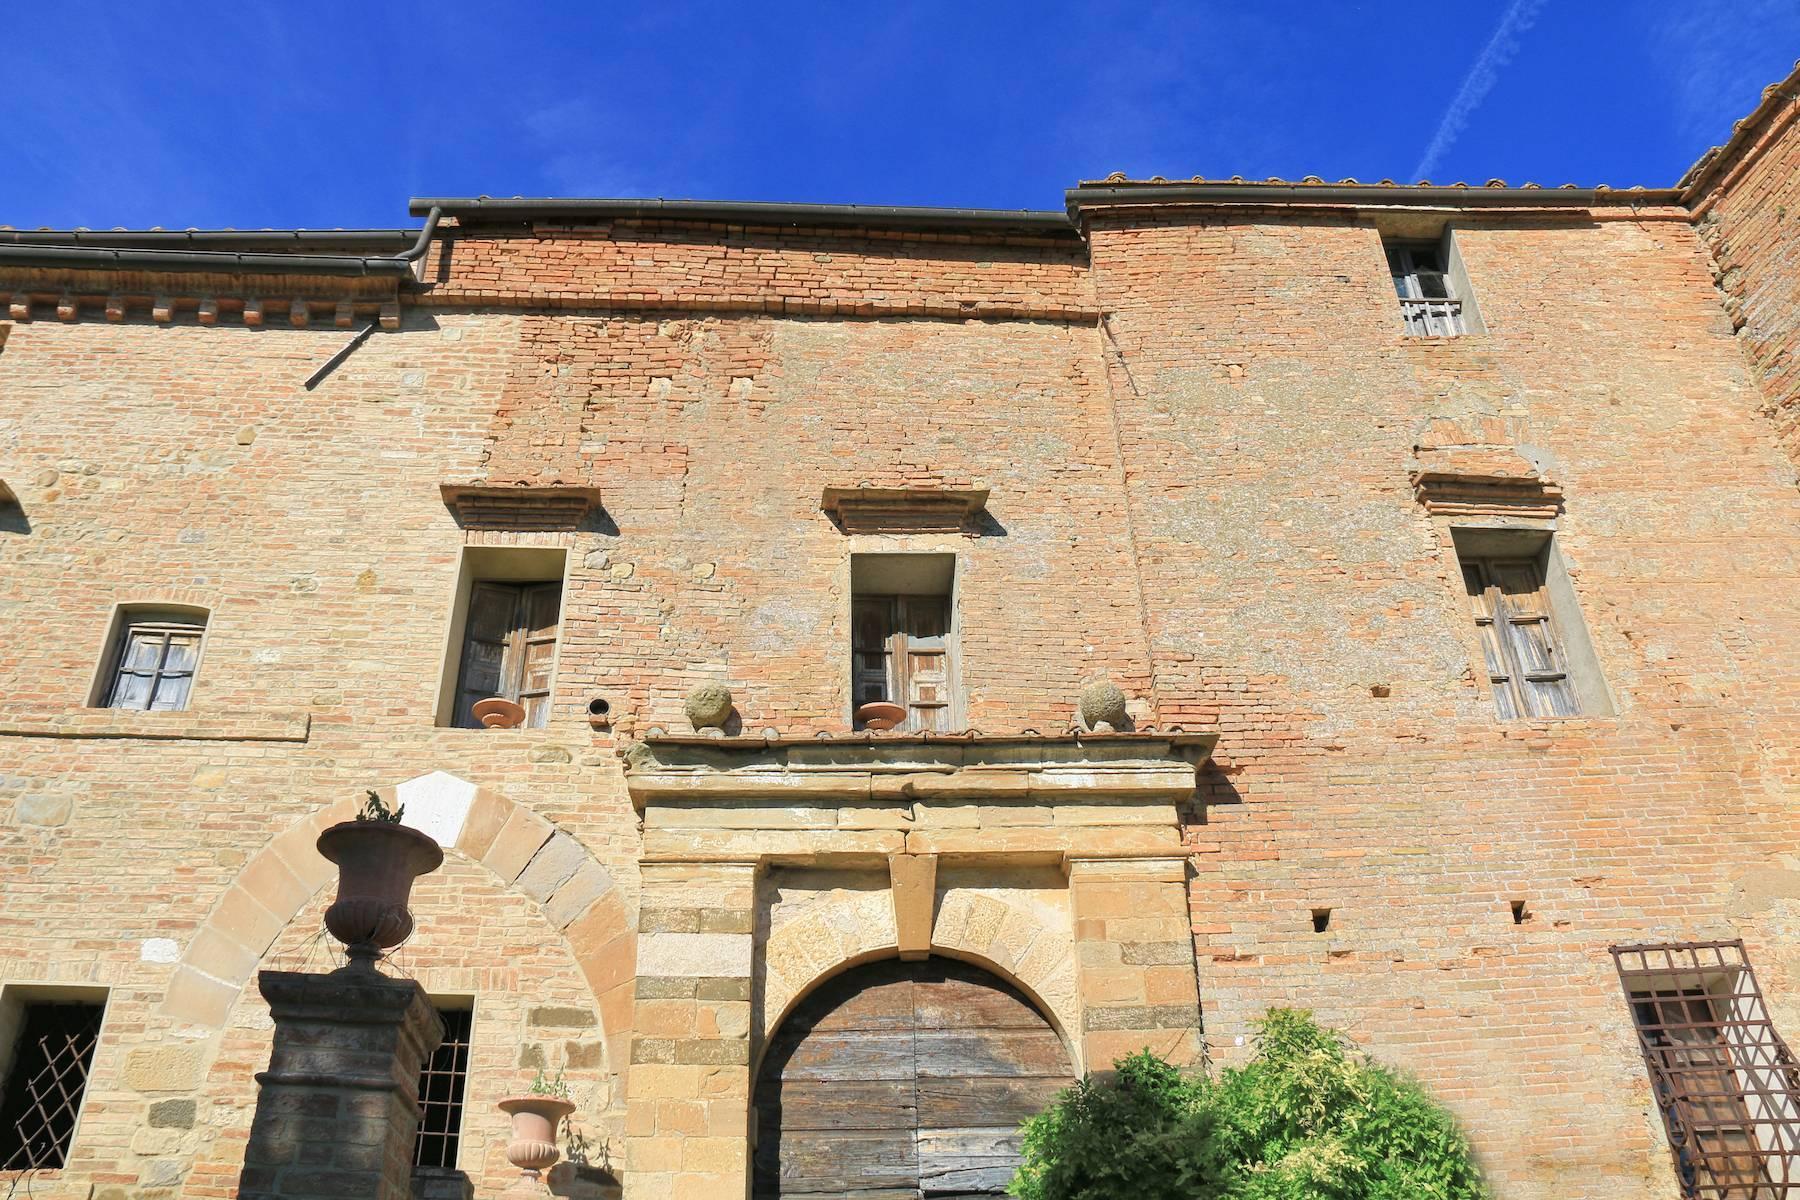 Meraviglioso castello nel cuore della Toscana - 5